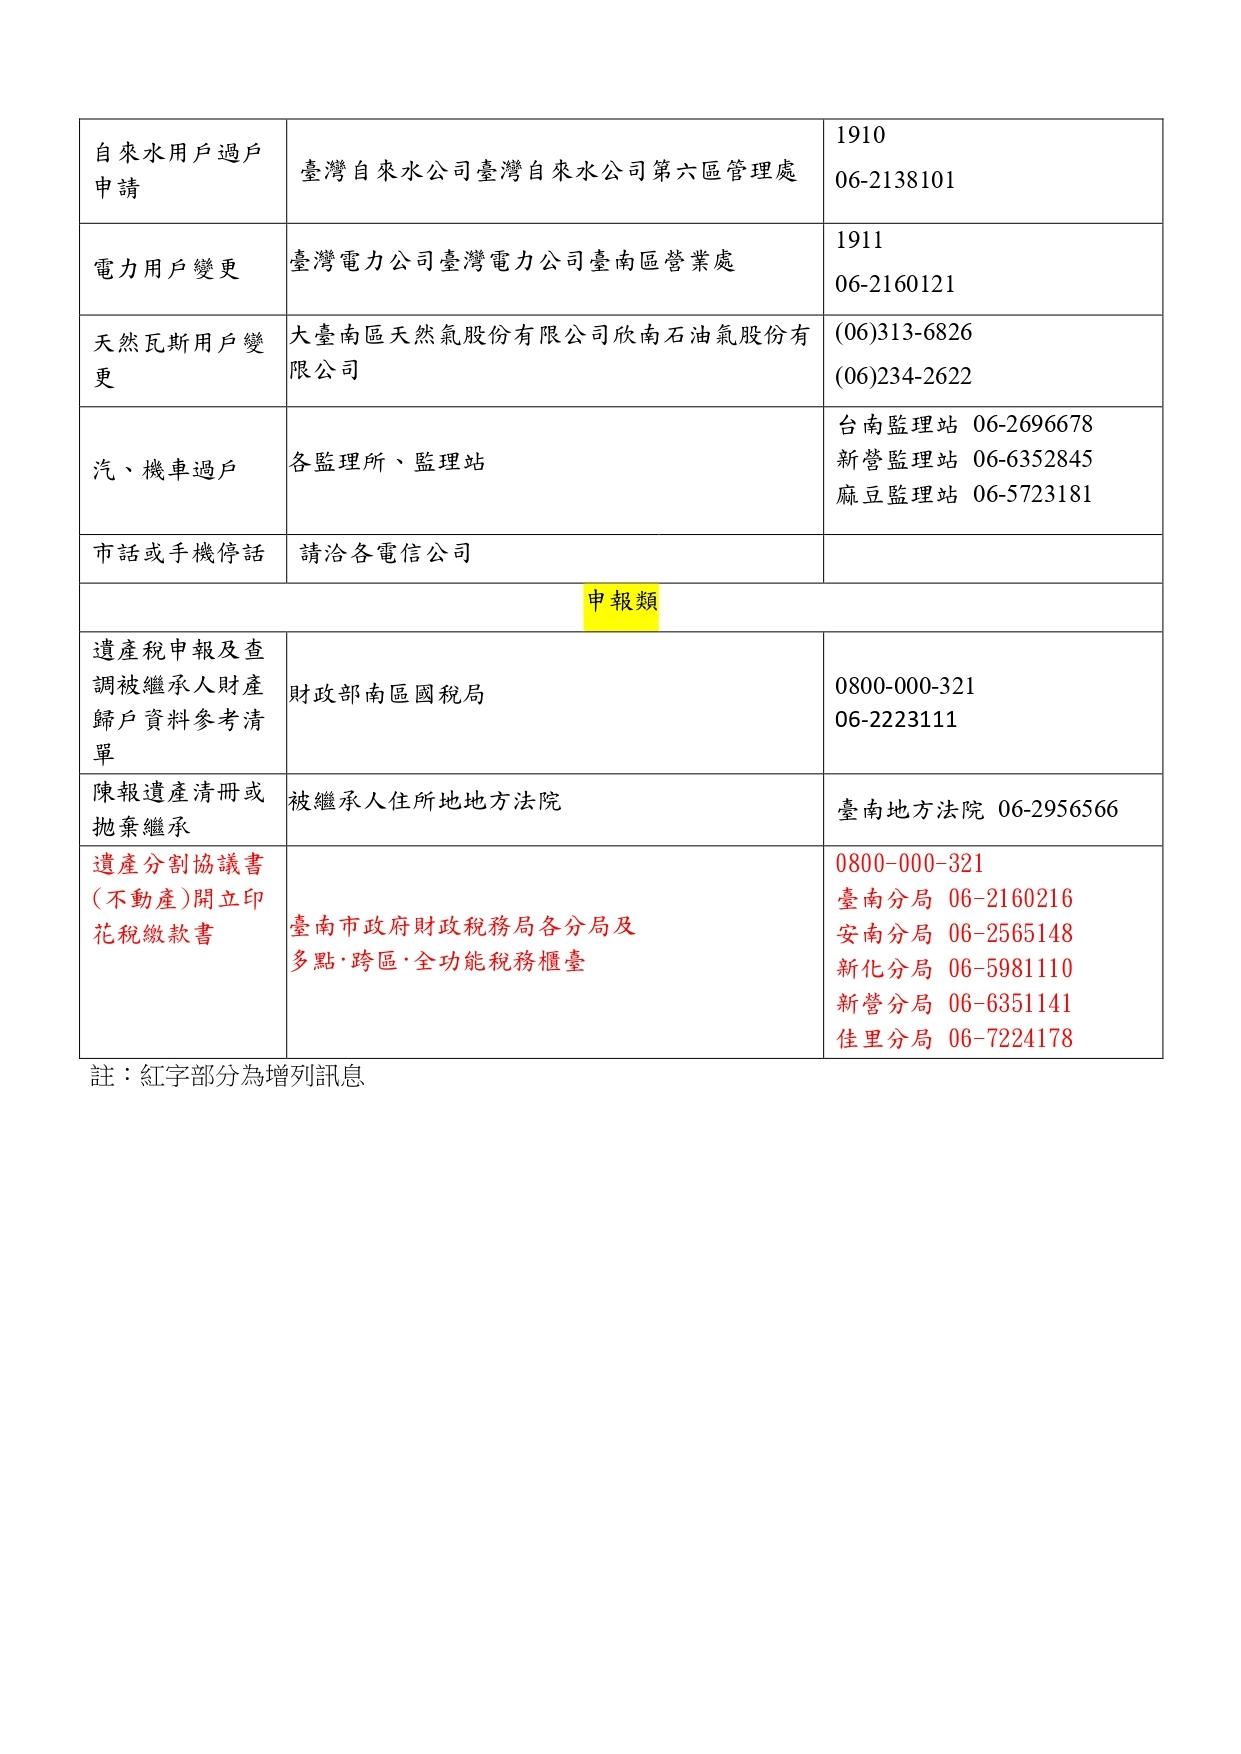 死亡登記及後續處理事項一覽表2